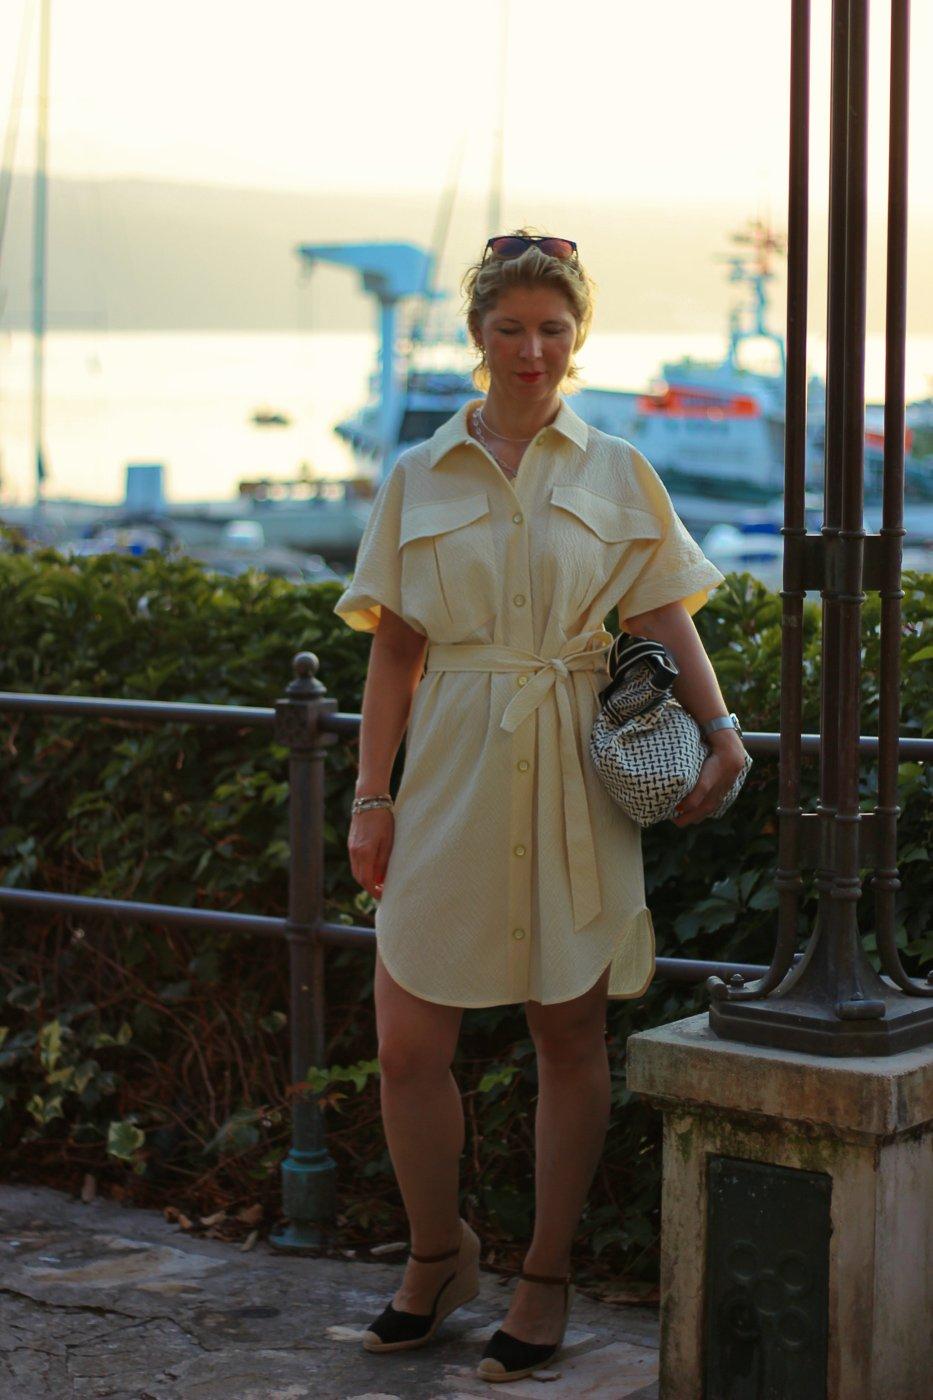 conny doll lifestyle: Ein Hemdblusenkleid und Touristenmode jenseits von Socken in Sandalen